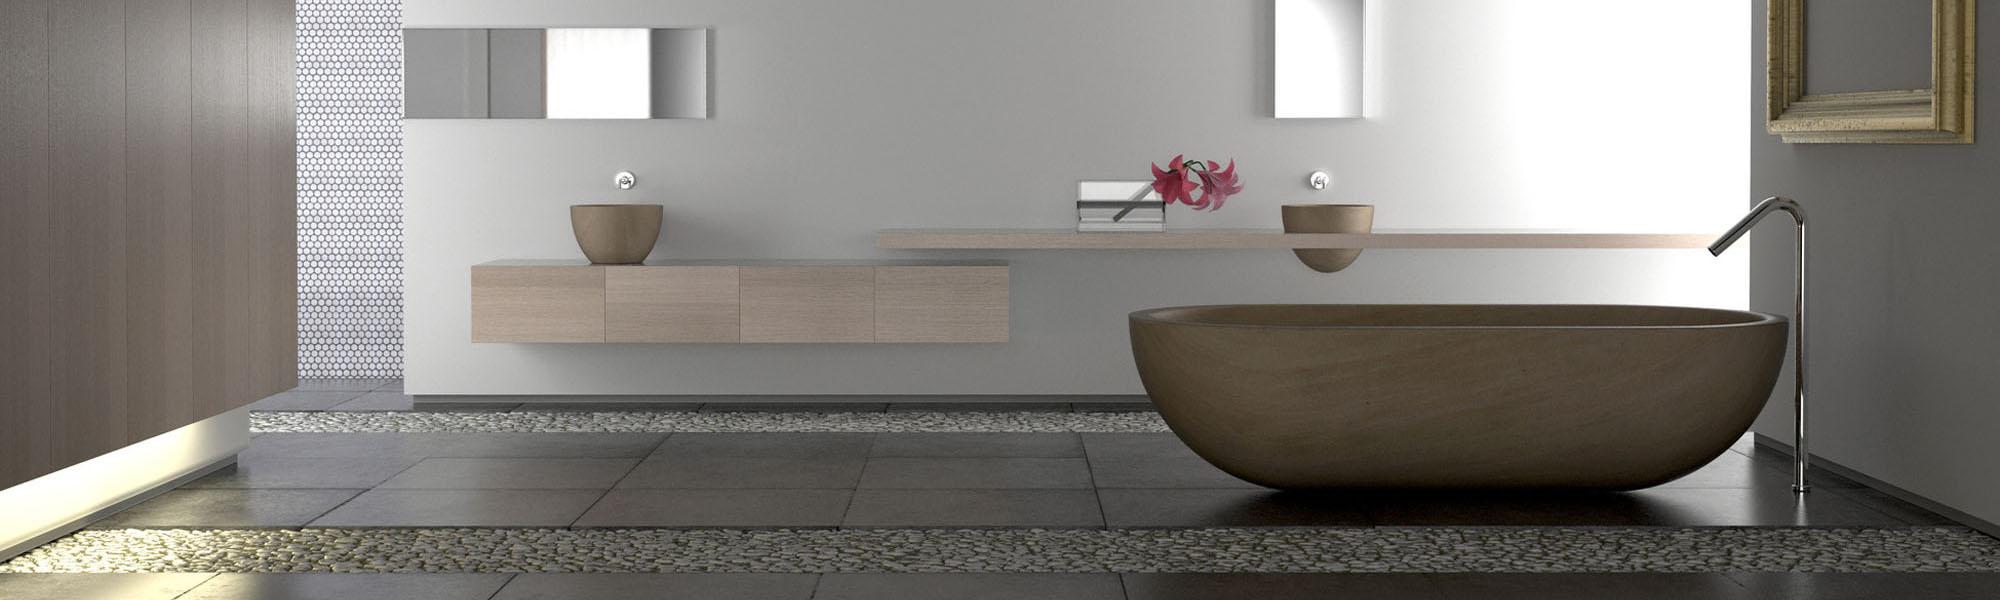 Salle de bain r novation en aveyron 12 bcd concept for Concept usine salle de bain